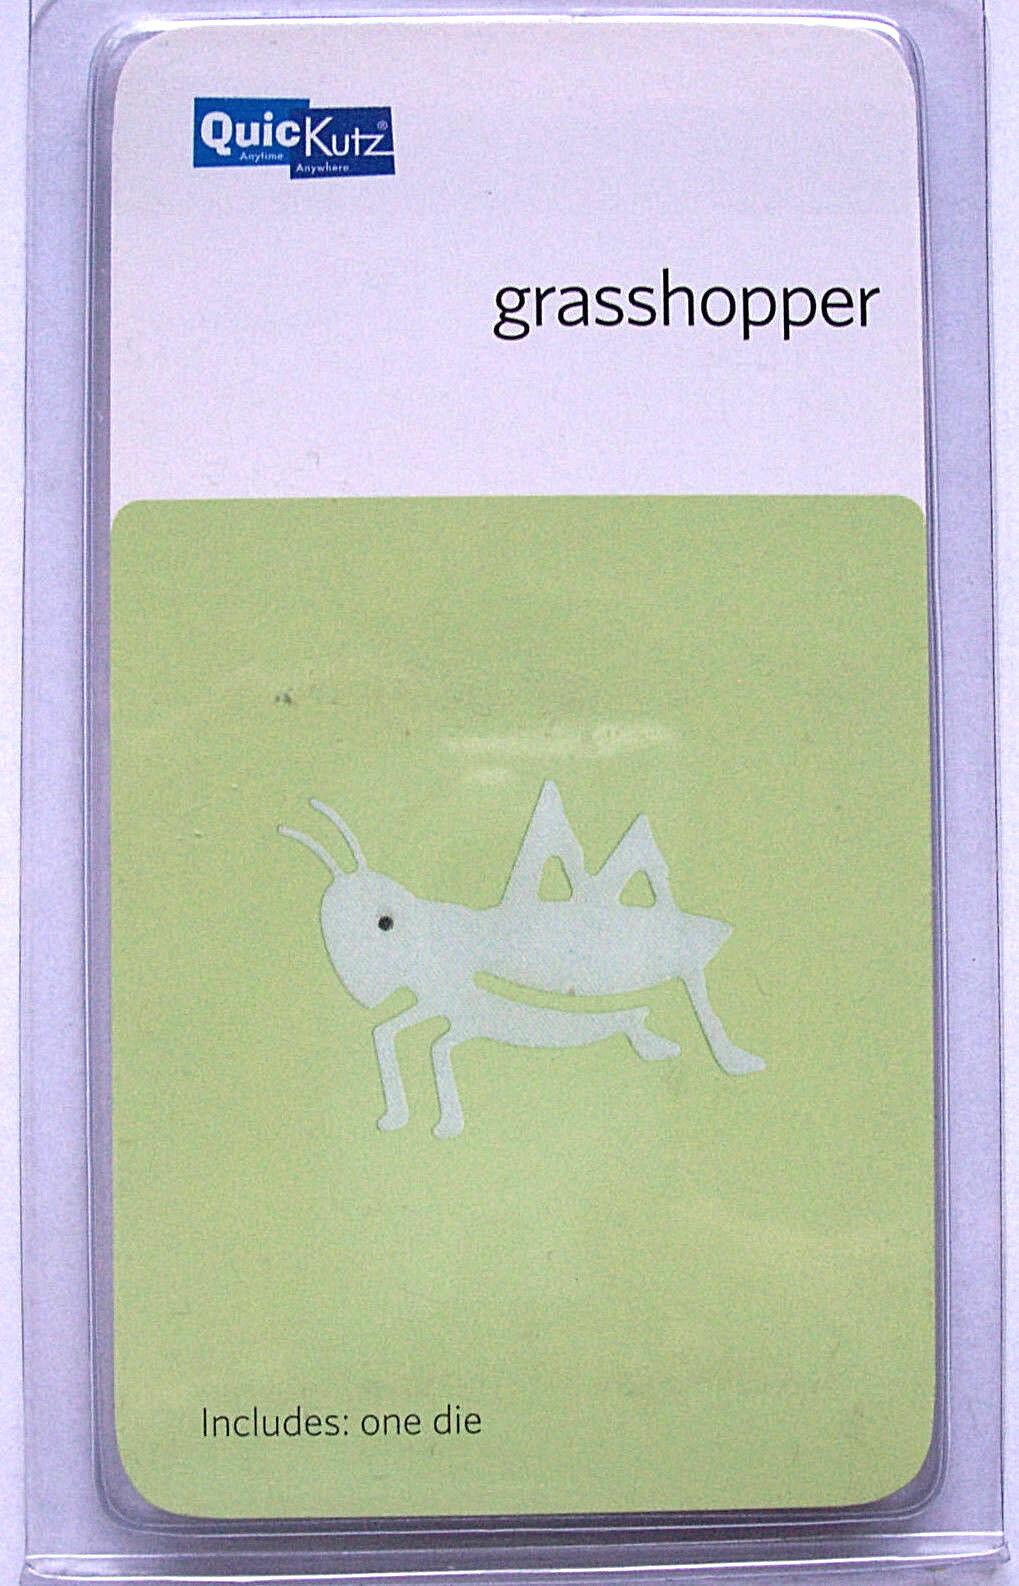 Quickutz//Lifestyle Crafts c-rs-0065 Grasshopper 1 Cutting Die NEW